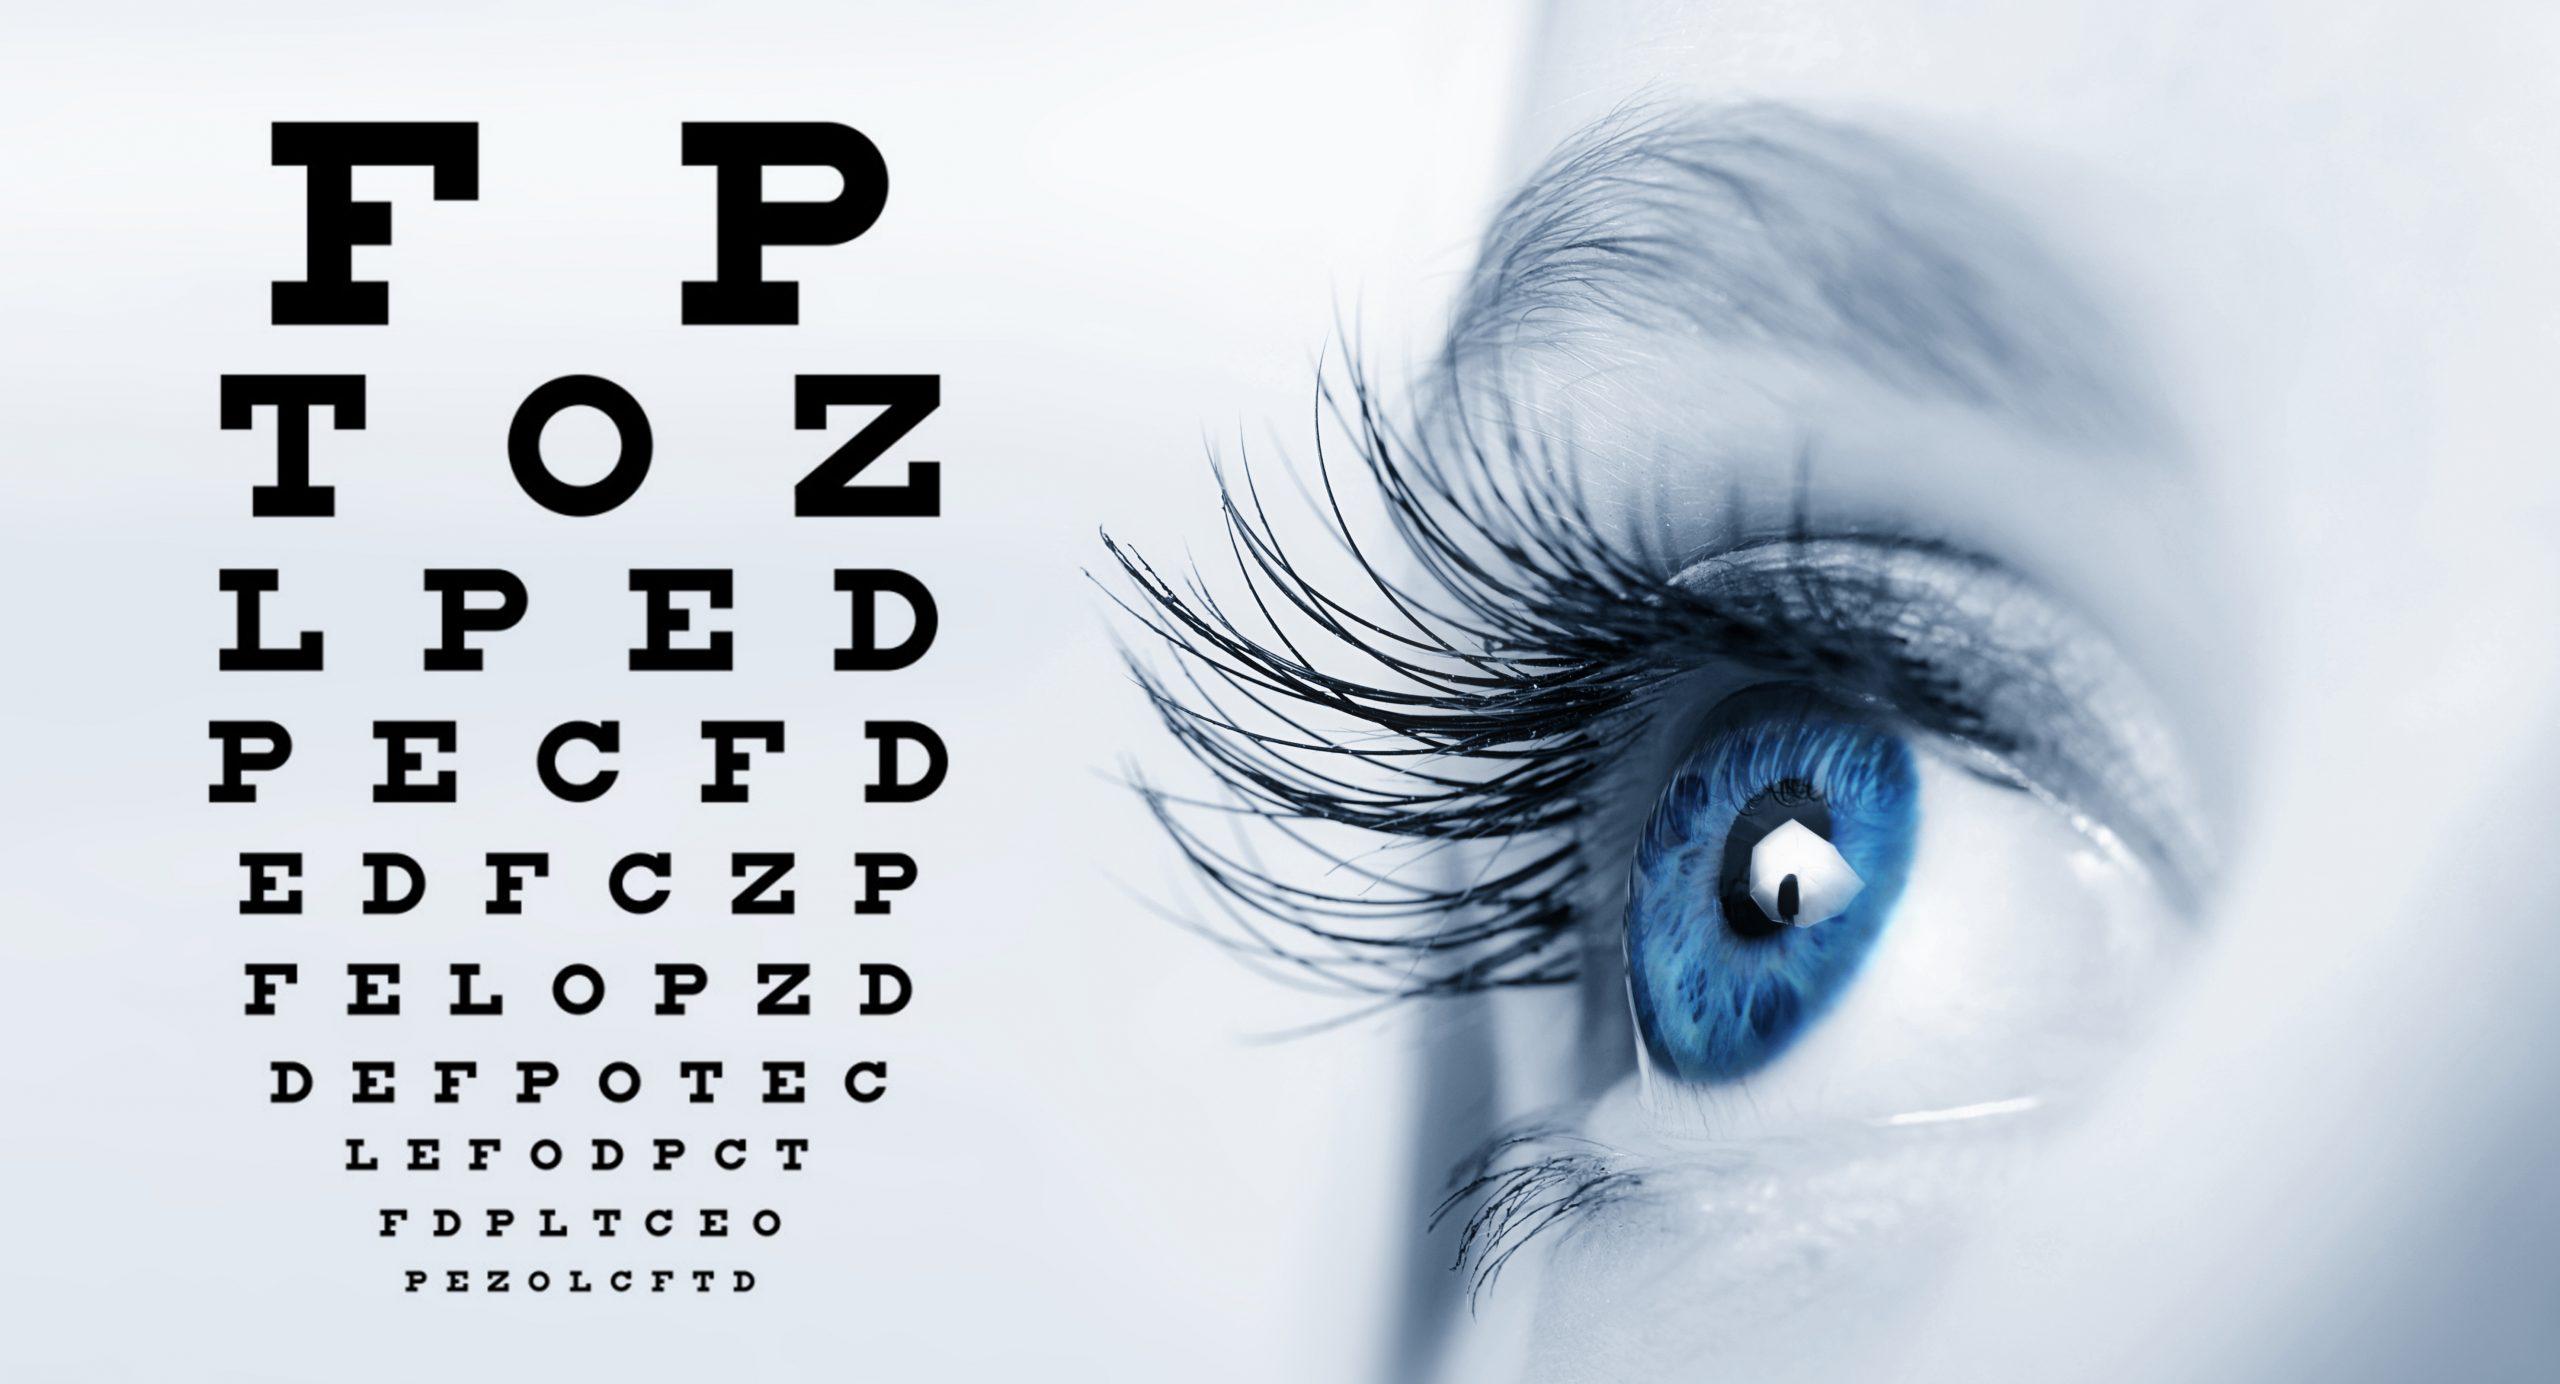 Eye chart and eye